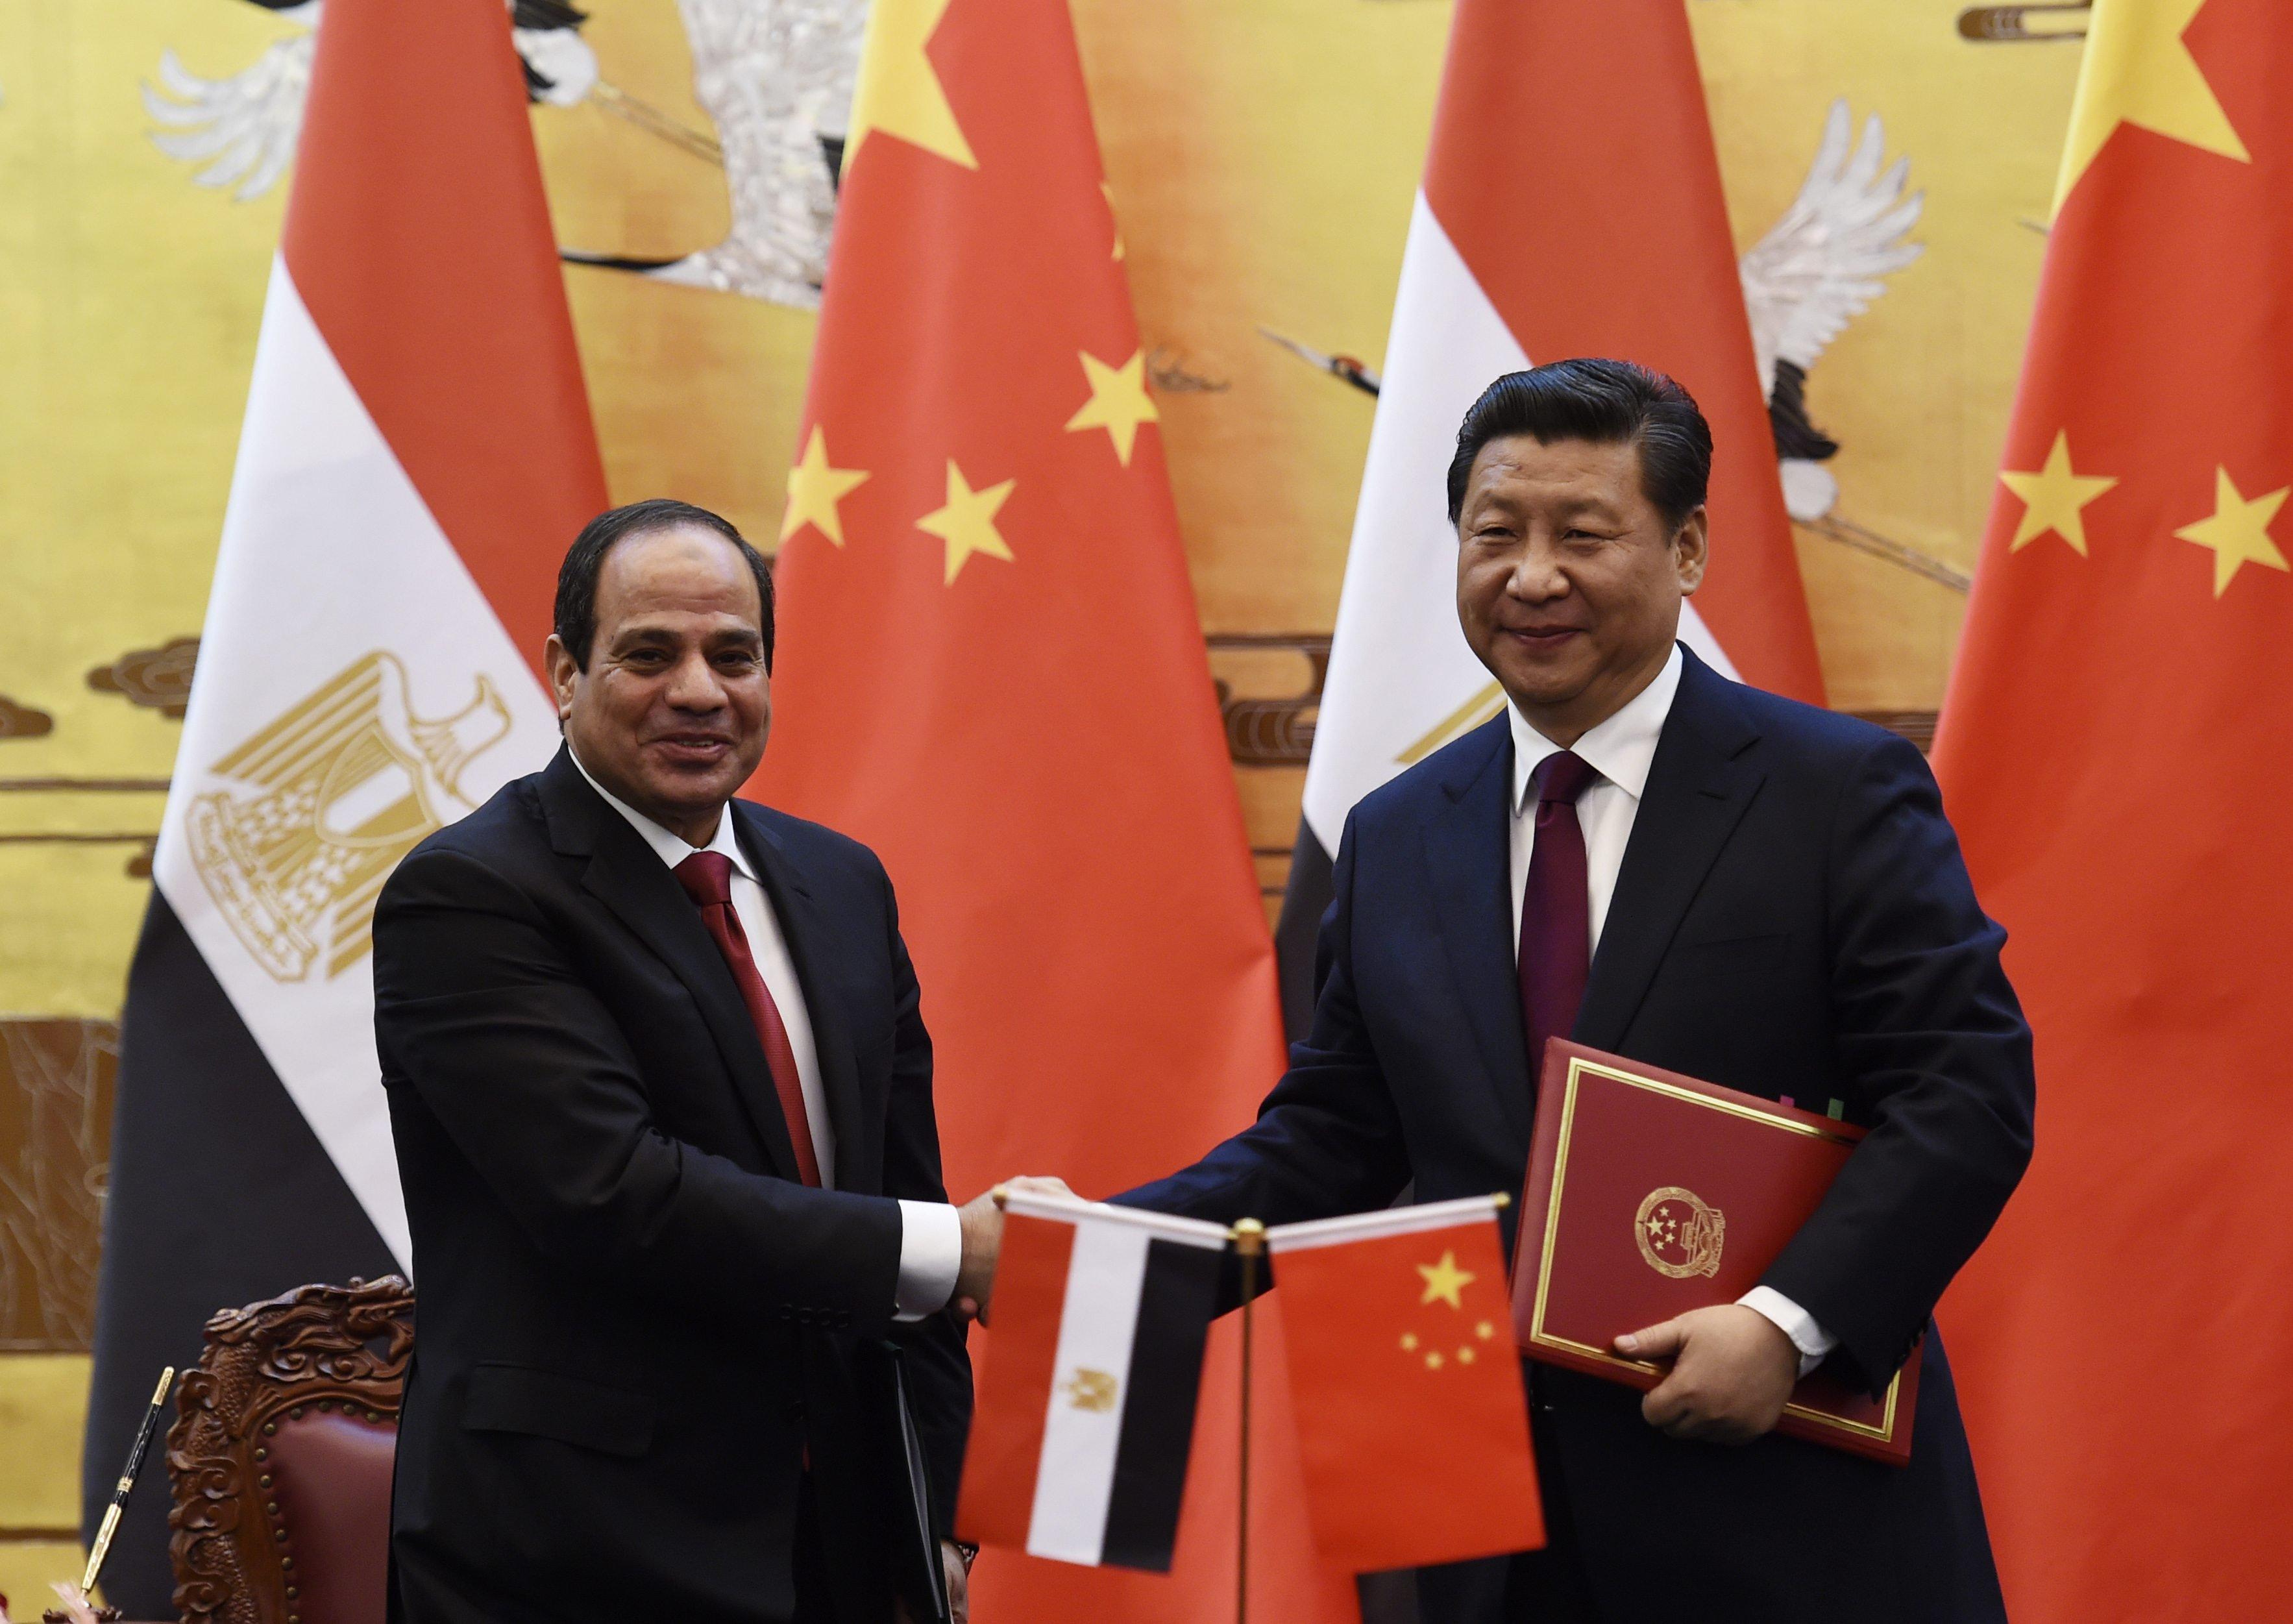 قمة «الحزام والطريق» تؤسس لمرحلة جديدة من التكامل التجاري بمشاركة الرئيس السيسي